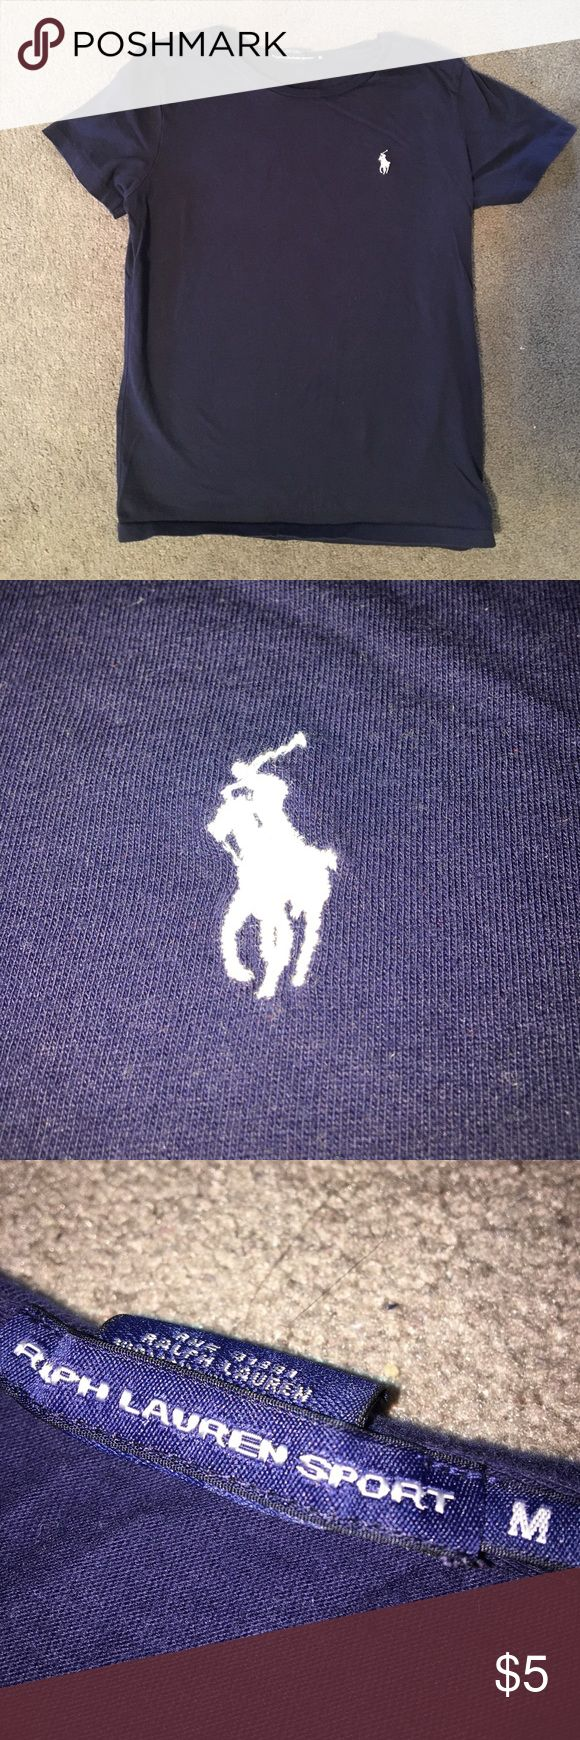 Navy Blue Ralph Lauren Shirt Ralph Lauren shirt, size Medium. Super cute and great for a preppy look! Ralph Lauren Tops Tees - Short Sleeve